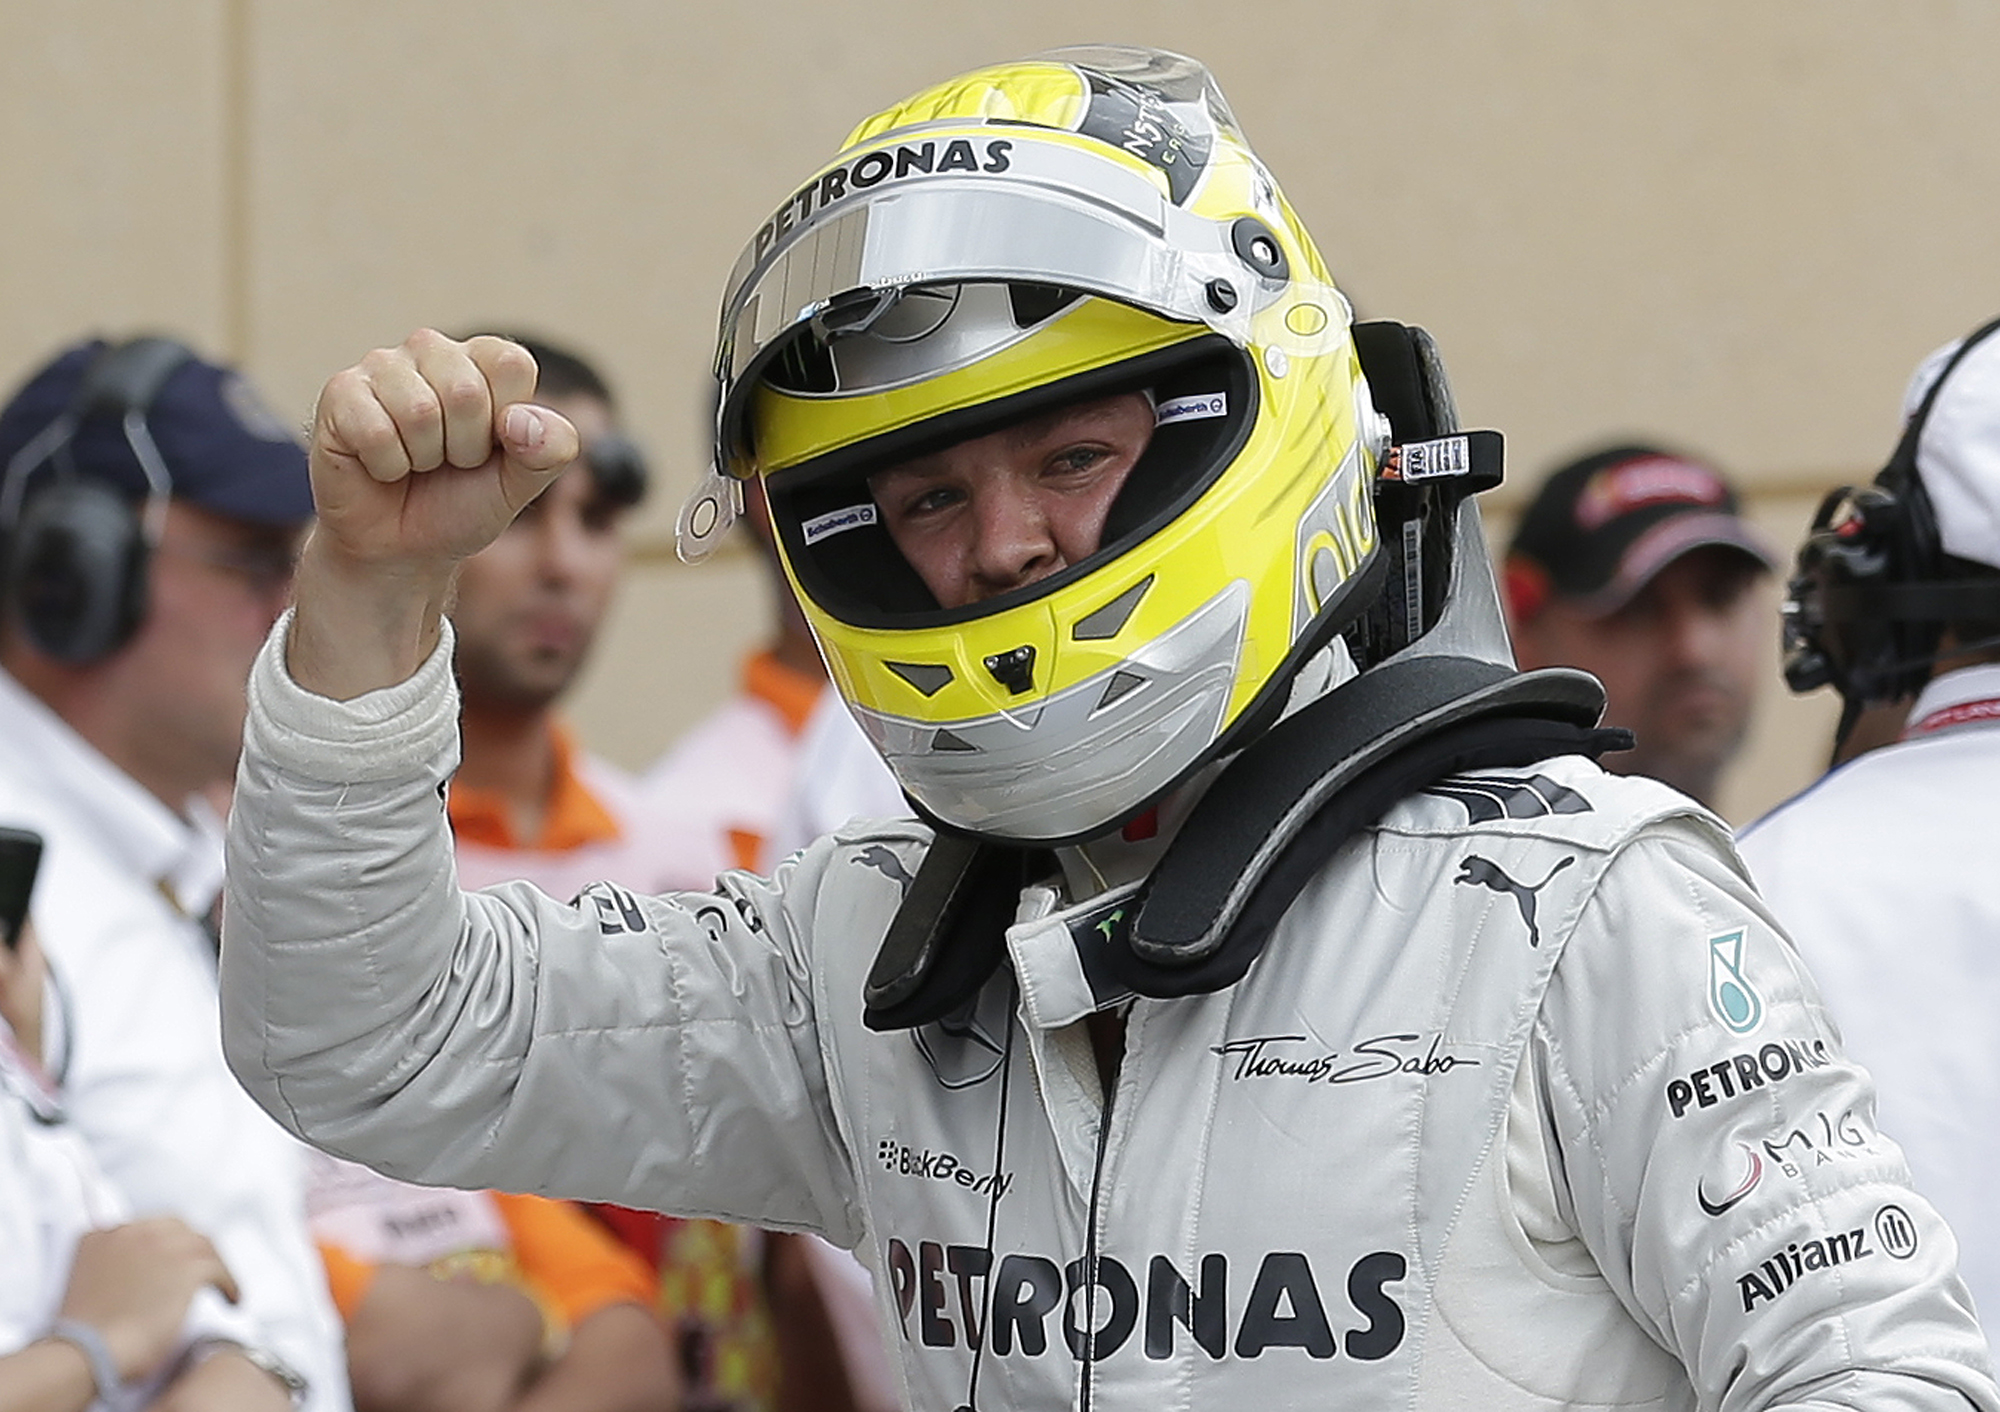 Нико Росберг завоевал поул на Гран-при Бахрейна